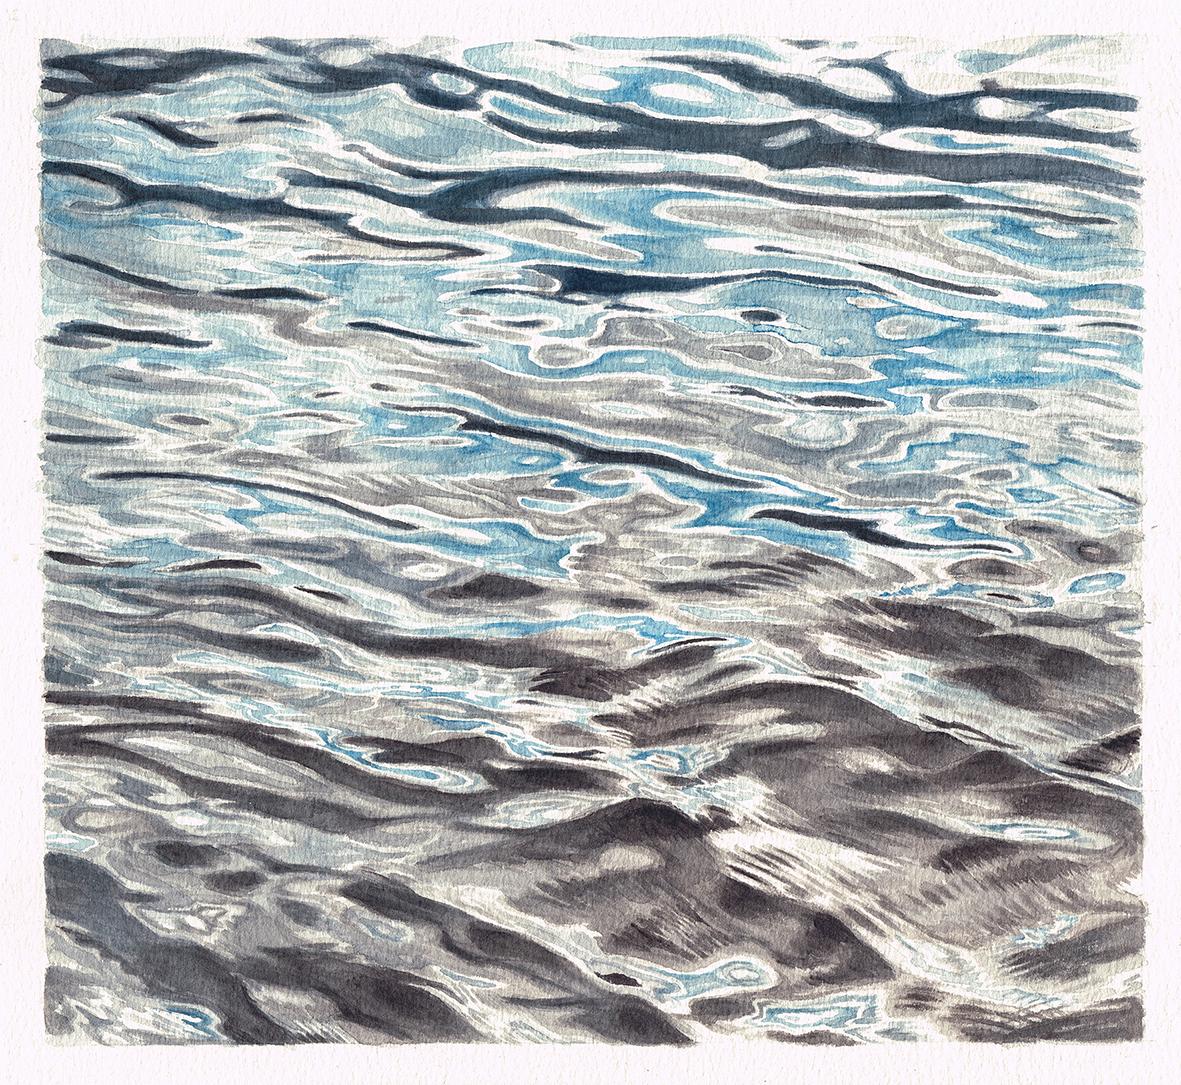 CHEUNG_BRIAN_Water25.jpg